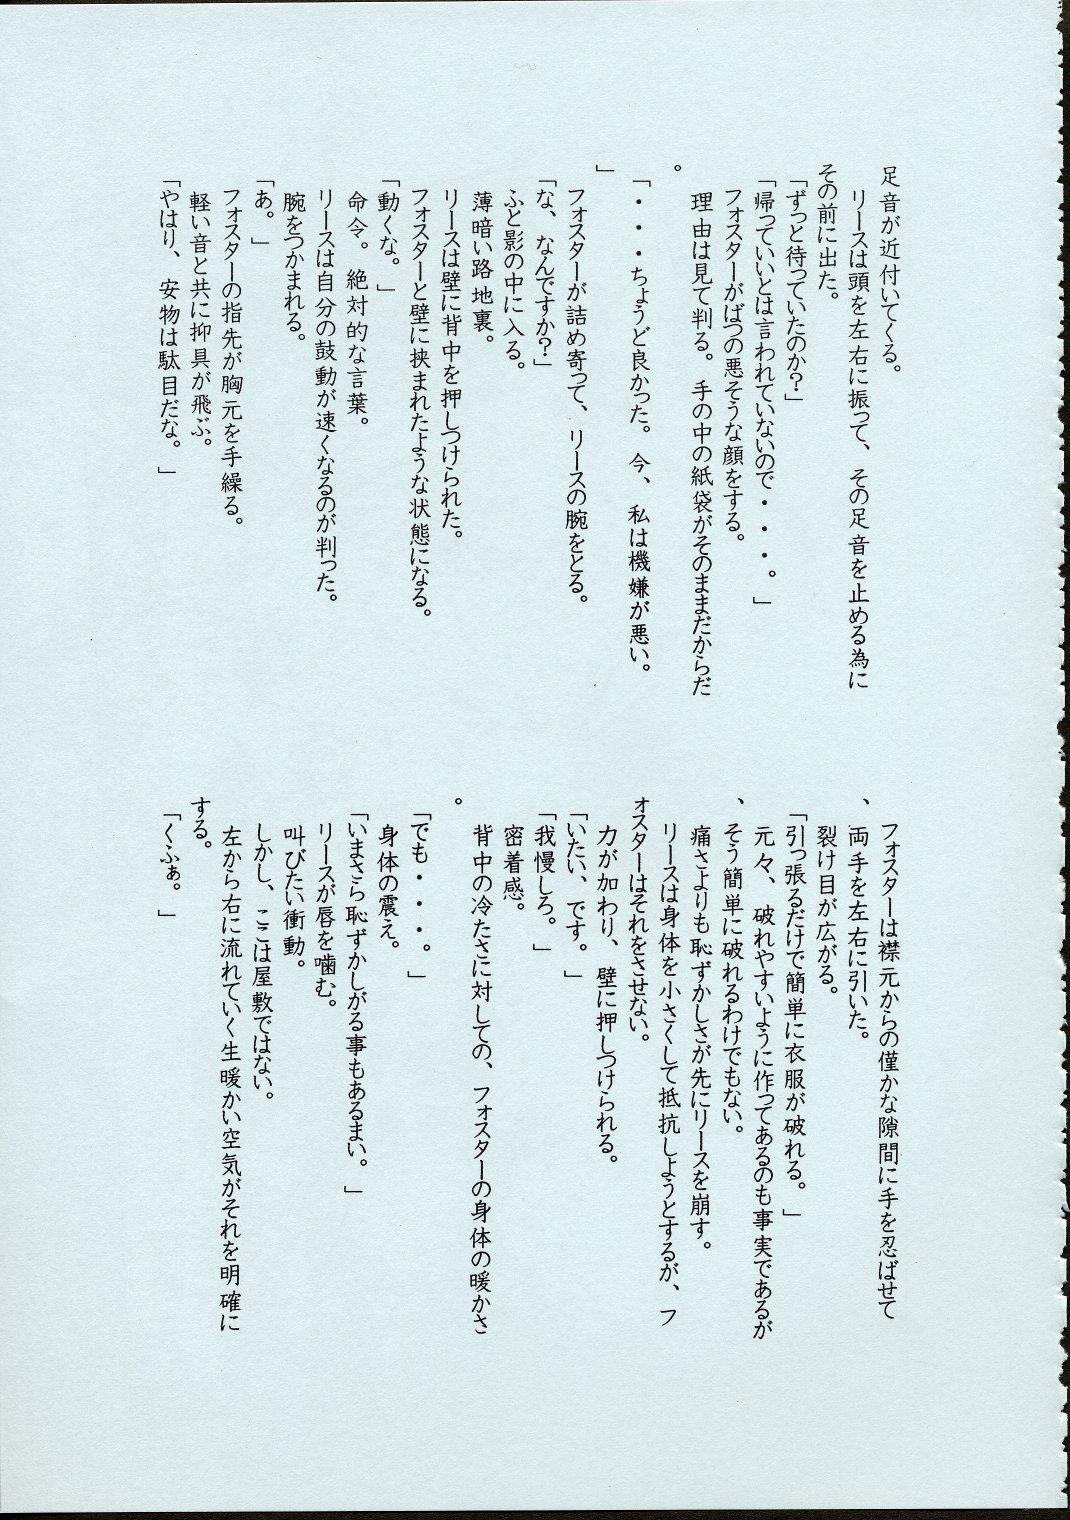 Maid-san kihonkei 37